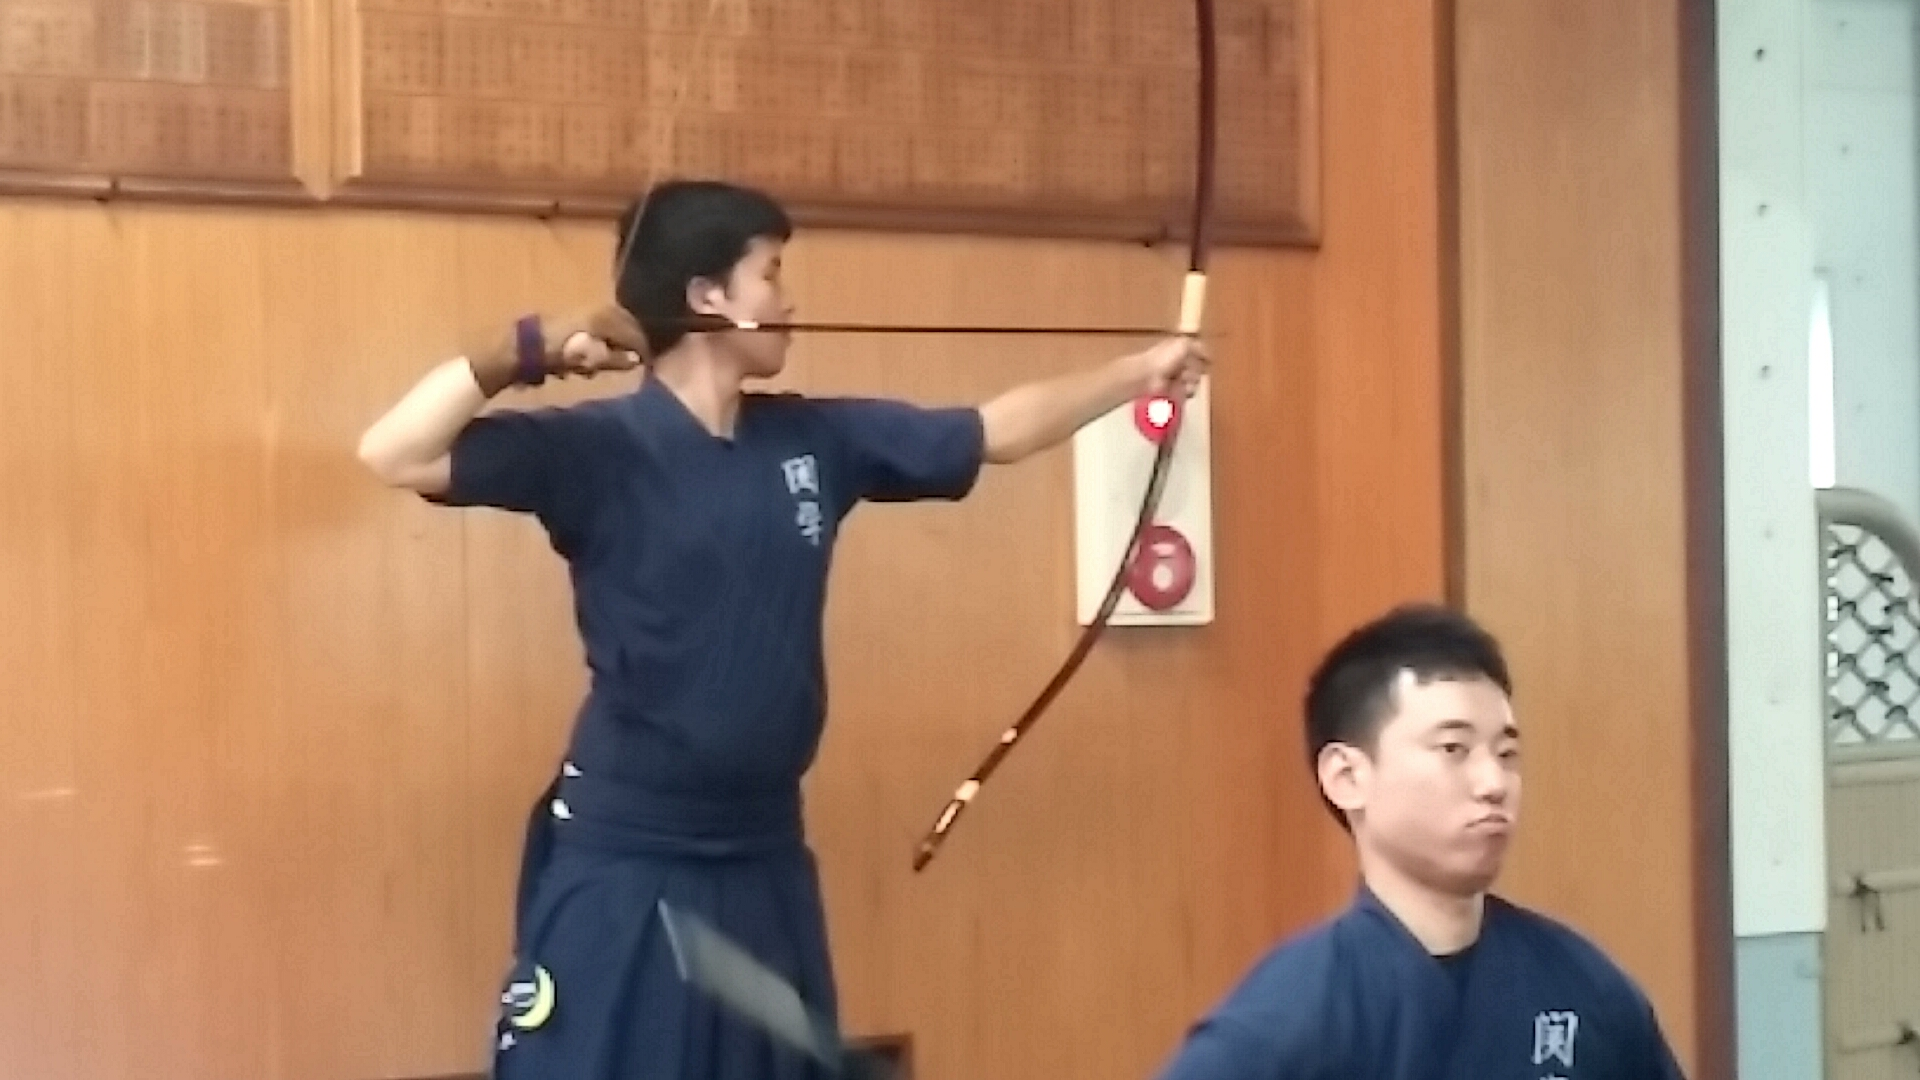 前立落 瀬戸(3)17中